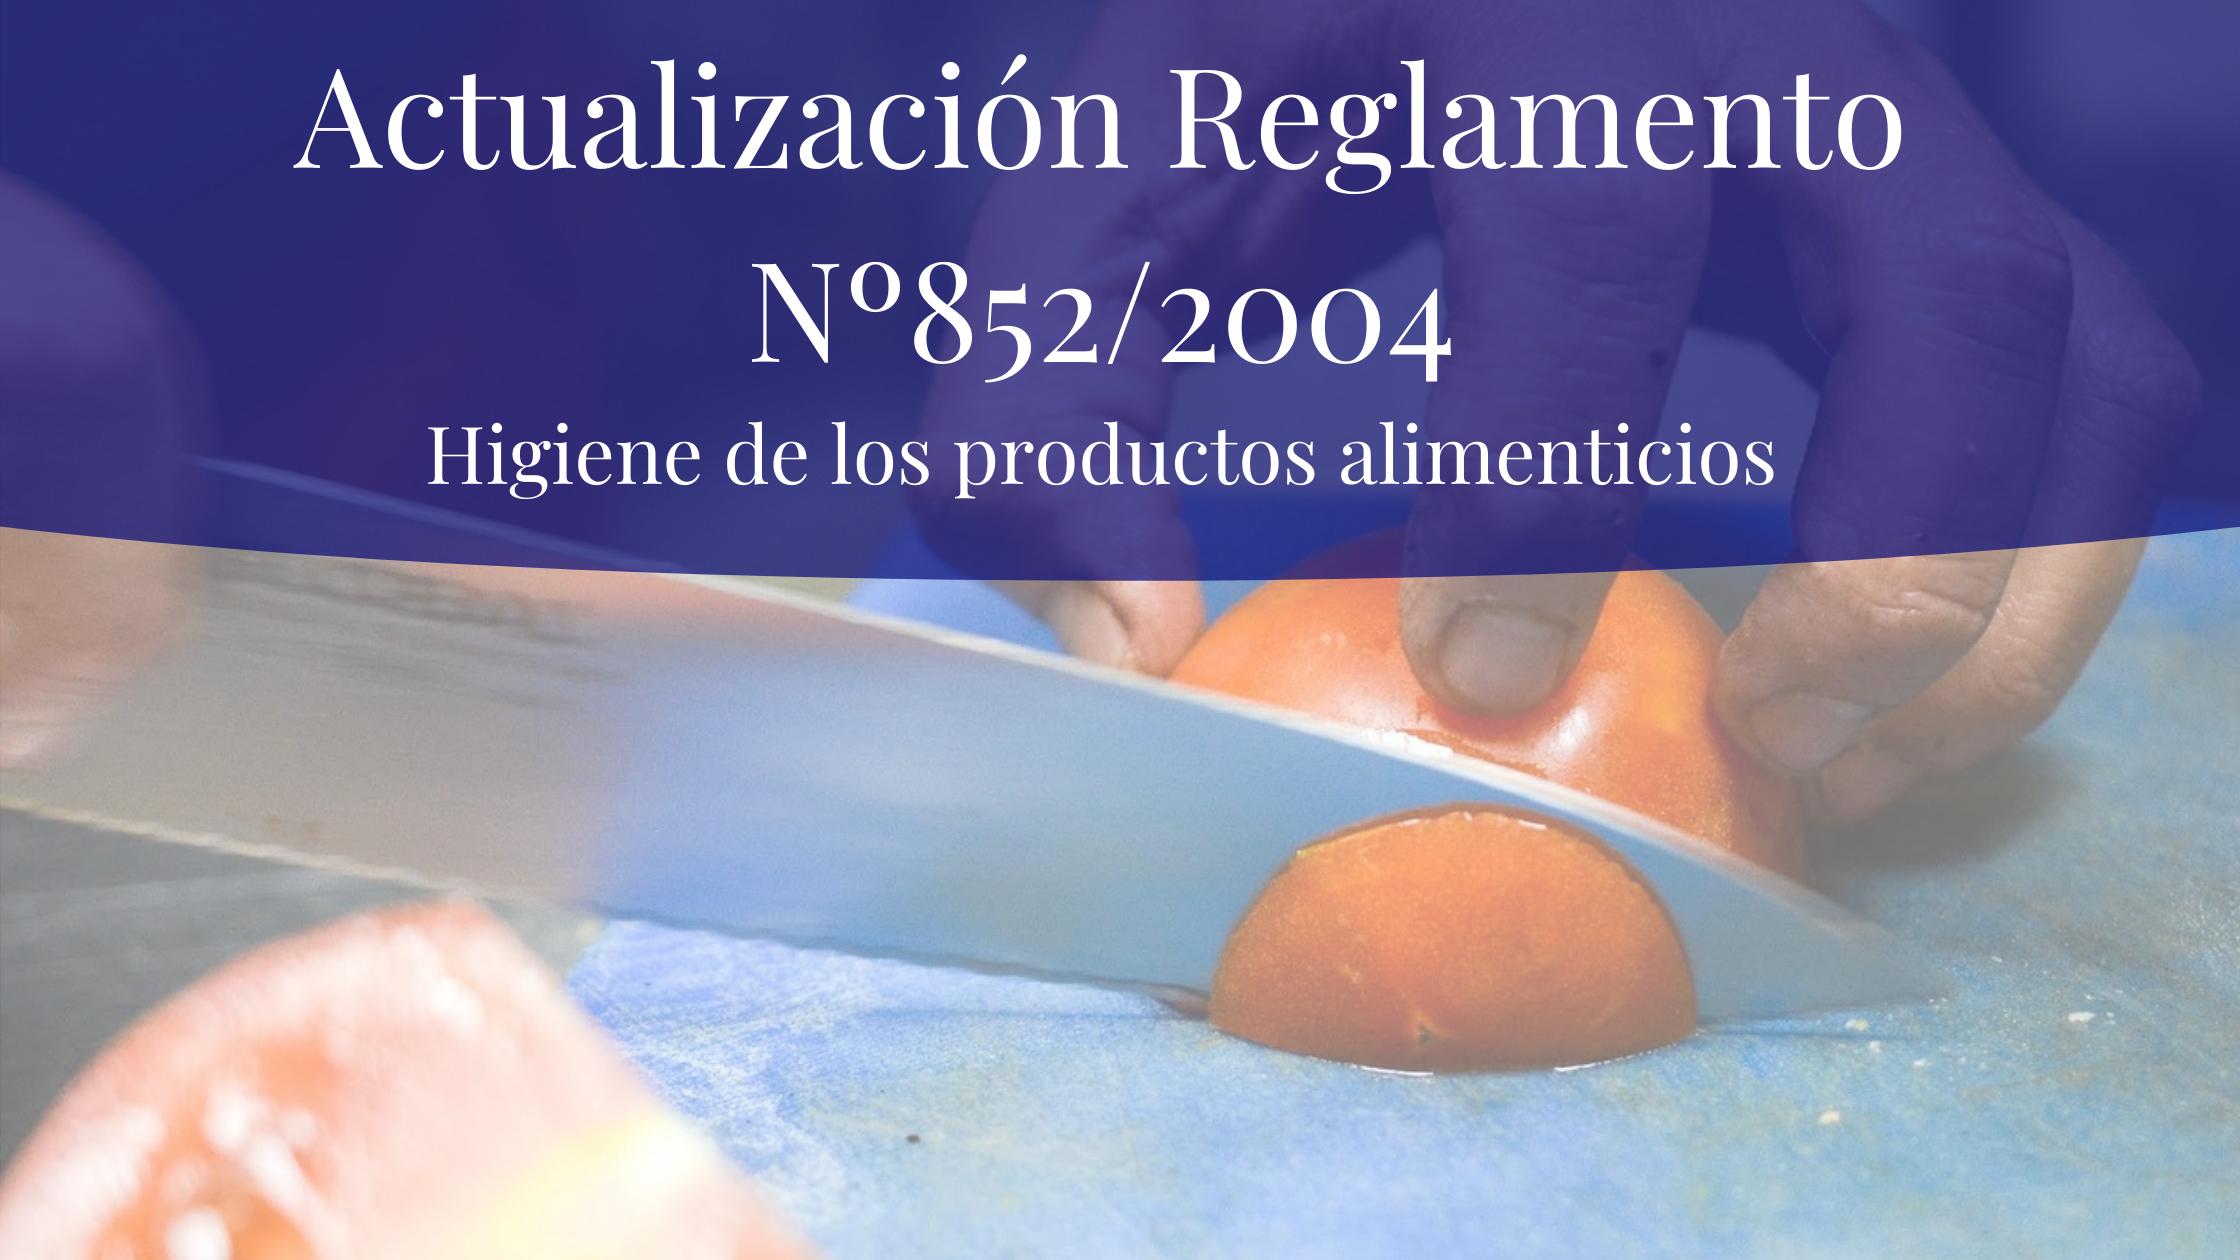 Actualizacion del Reglamento N.852/2004 en materia de higiene de los productos alimenticios